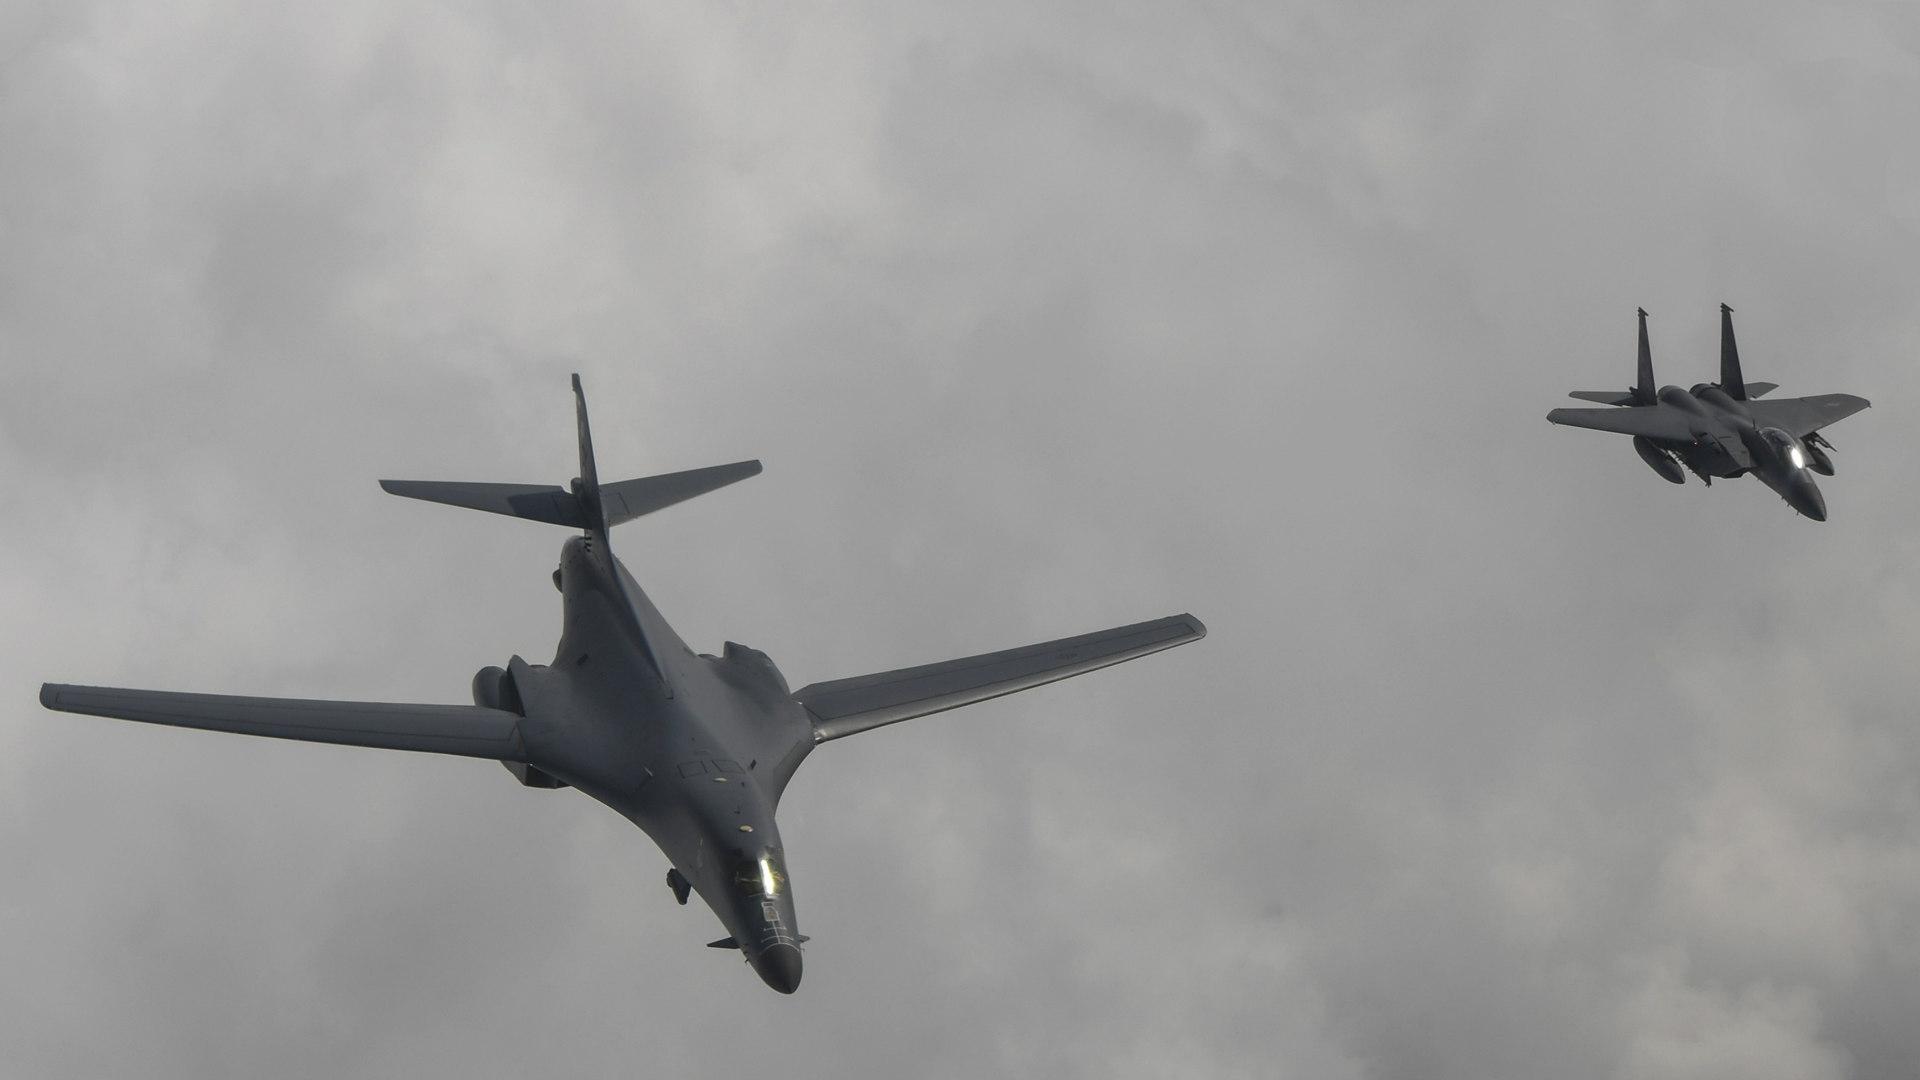 מפציצים אמריקנים מדגם B-1B מעל קוריאה הצפונית